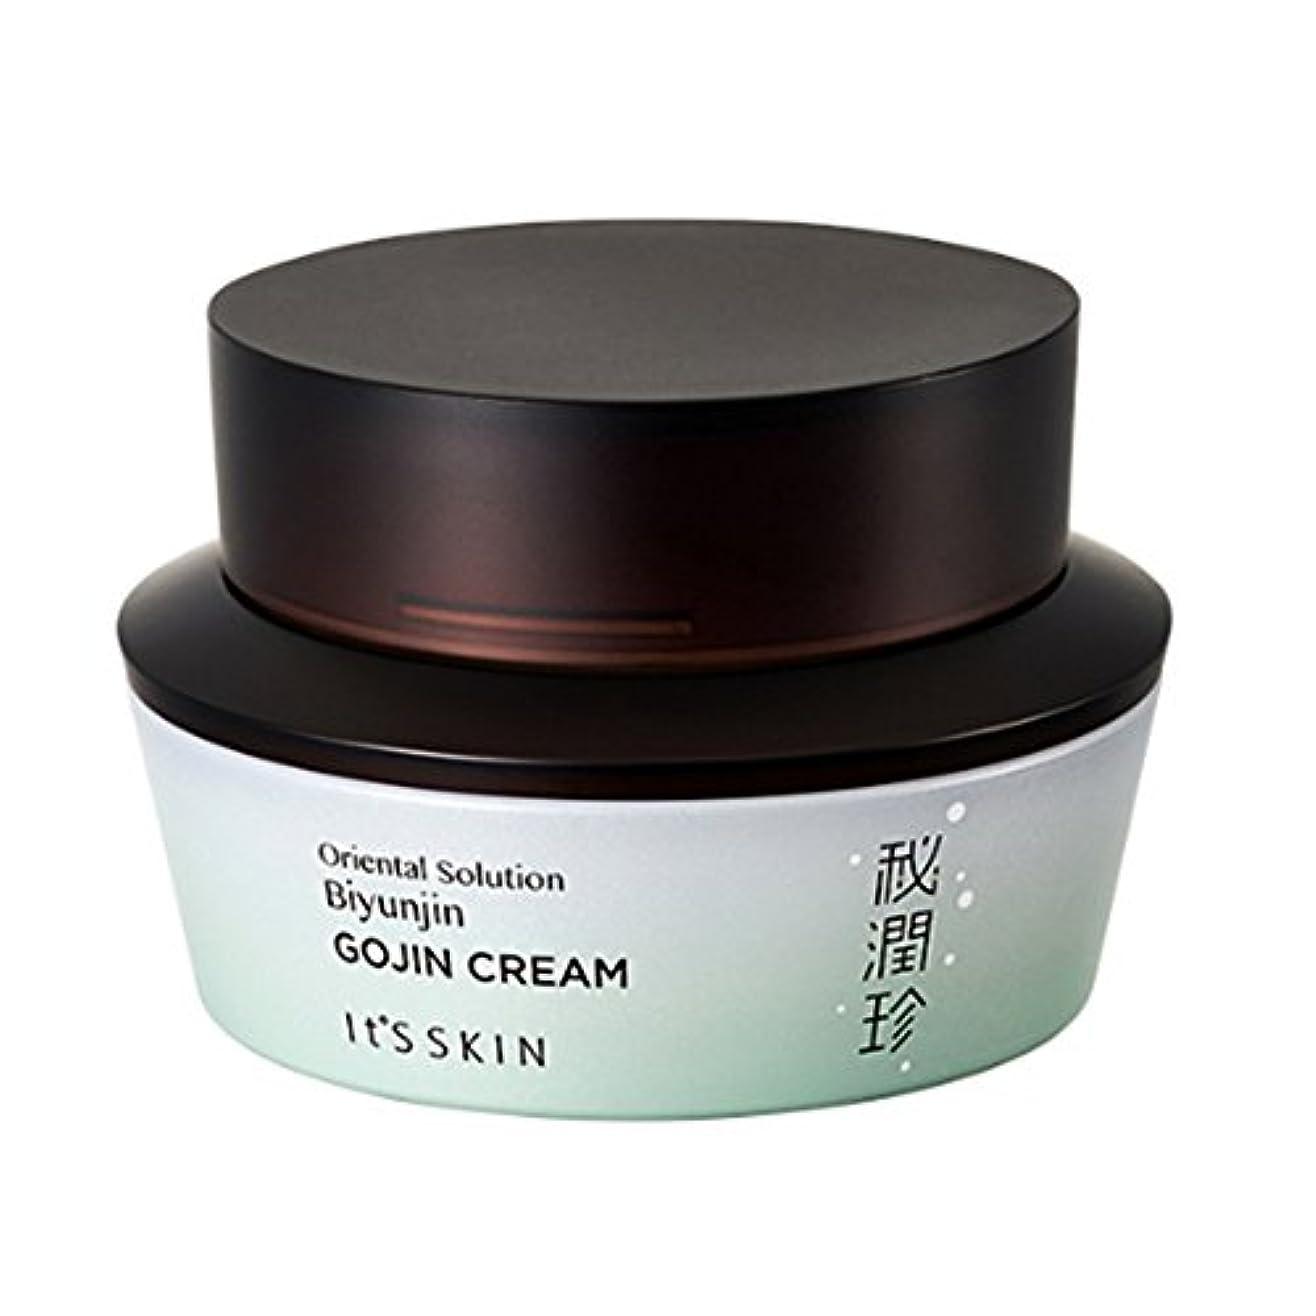 谷勉強する滴下【イッツスキン】 IT'S SKIN Bi Yun Jin Gojin Cream 【韓国直送品】 OOPSPANDA